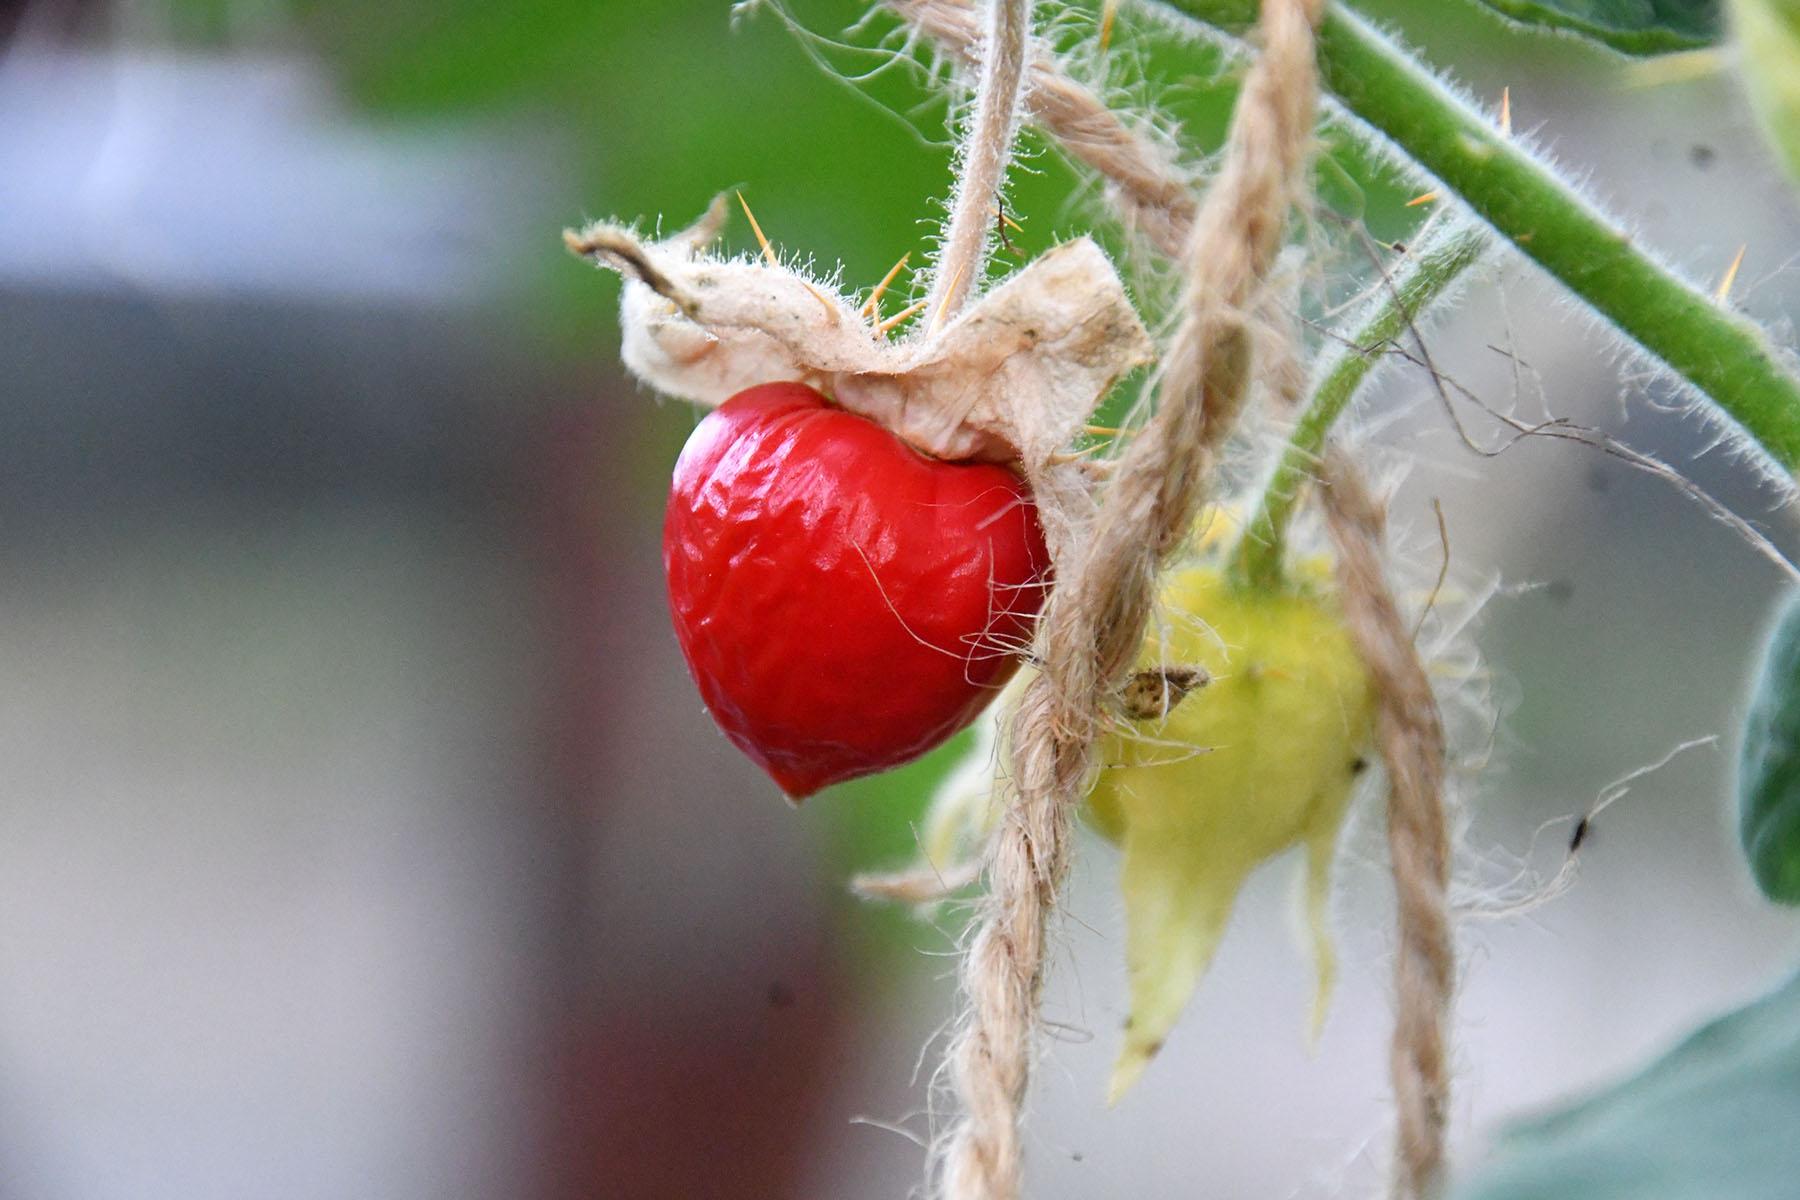 Vilja kandev unilook-maavits meenutab väliselt mõneti füüsalit, maitselt pigem tomatit. Foto Urmas Saard